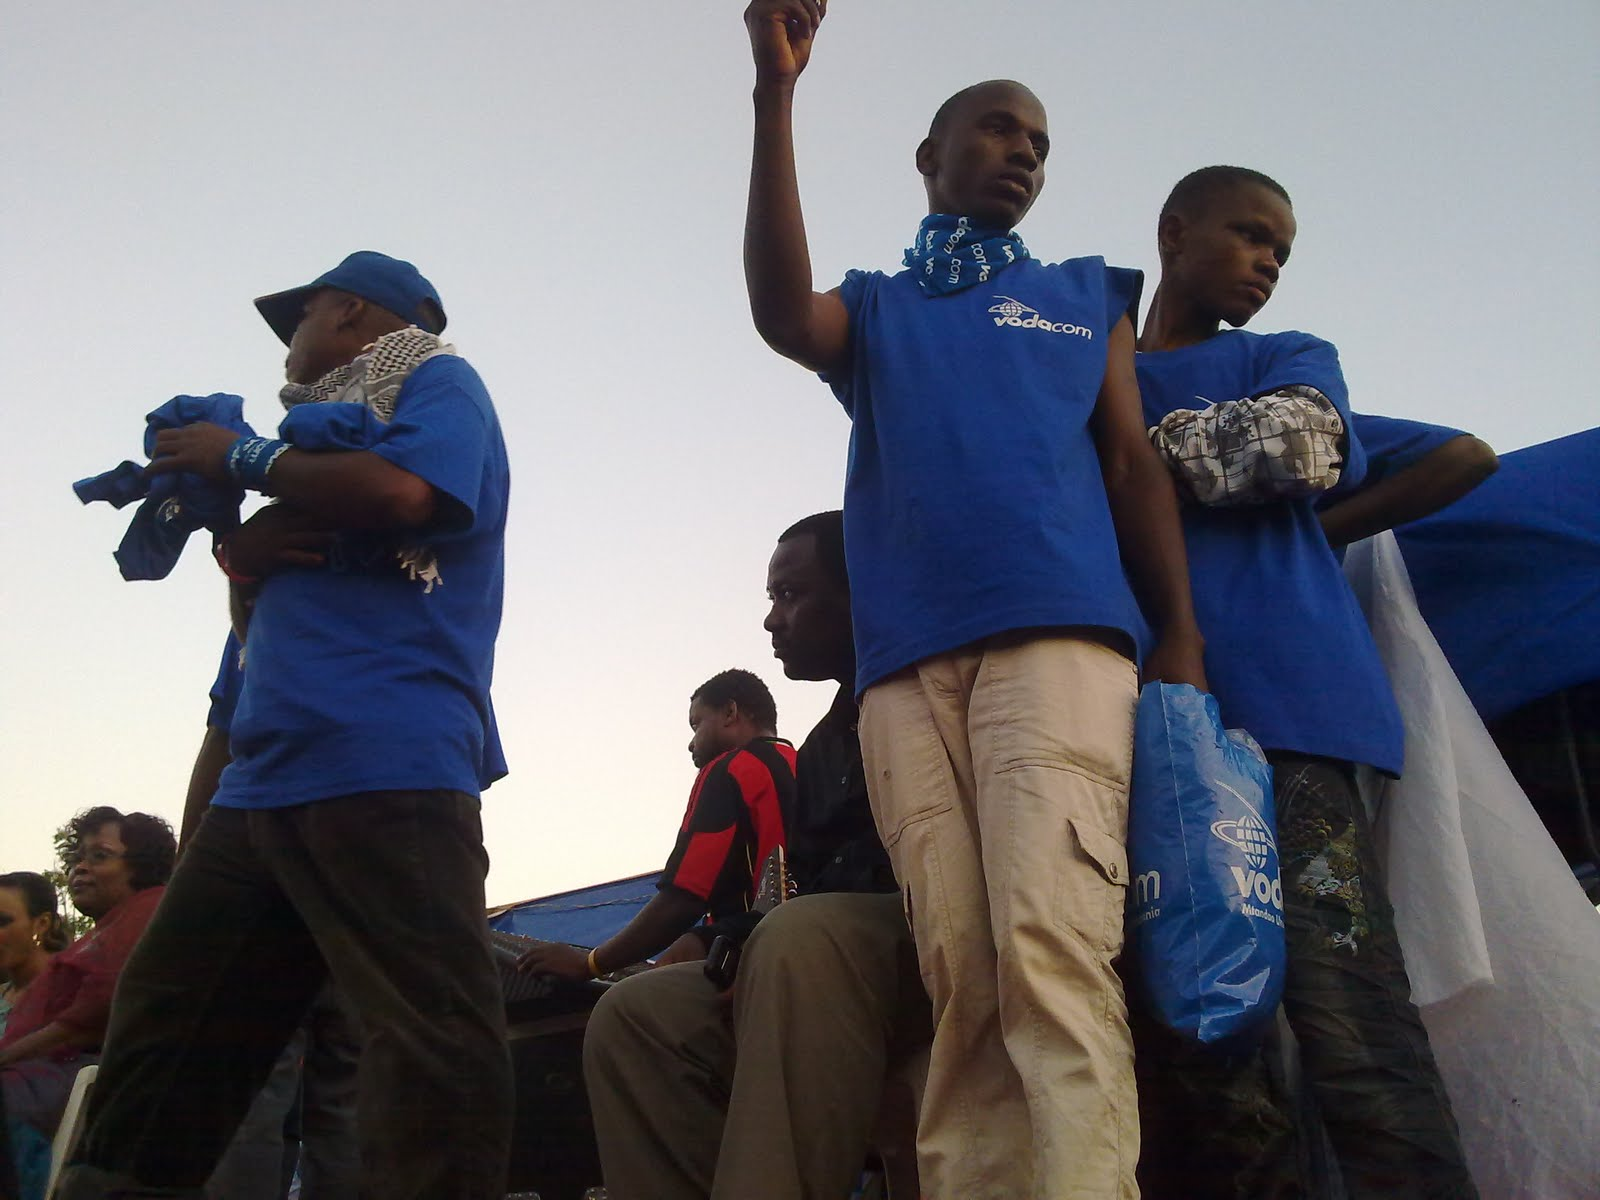 Vijana wa Vodacom wakiwa tayari kugawa zawadi kwa watumiaji wa mtandao